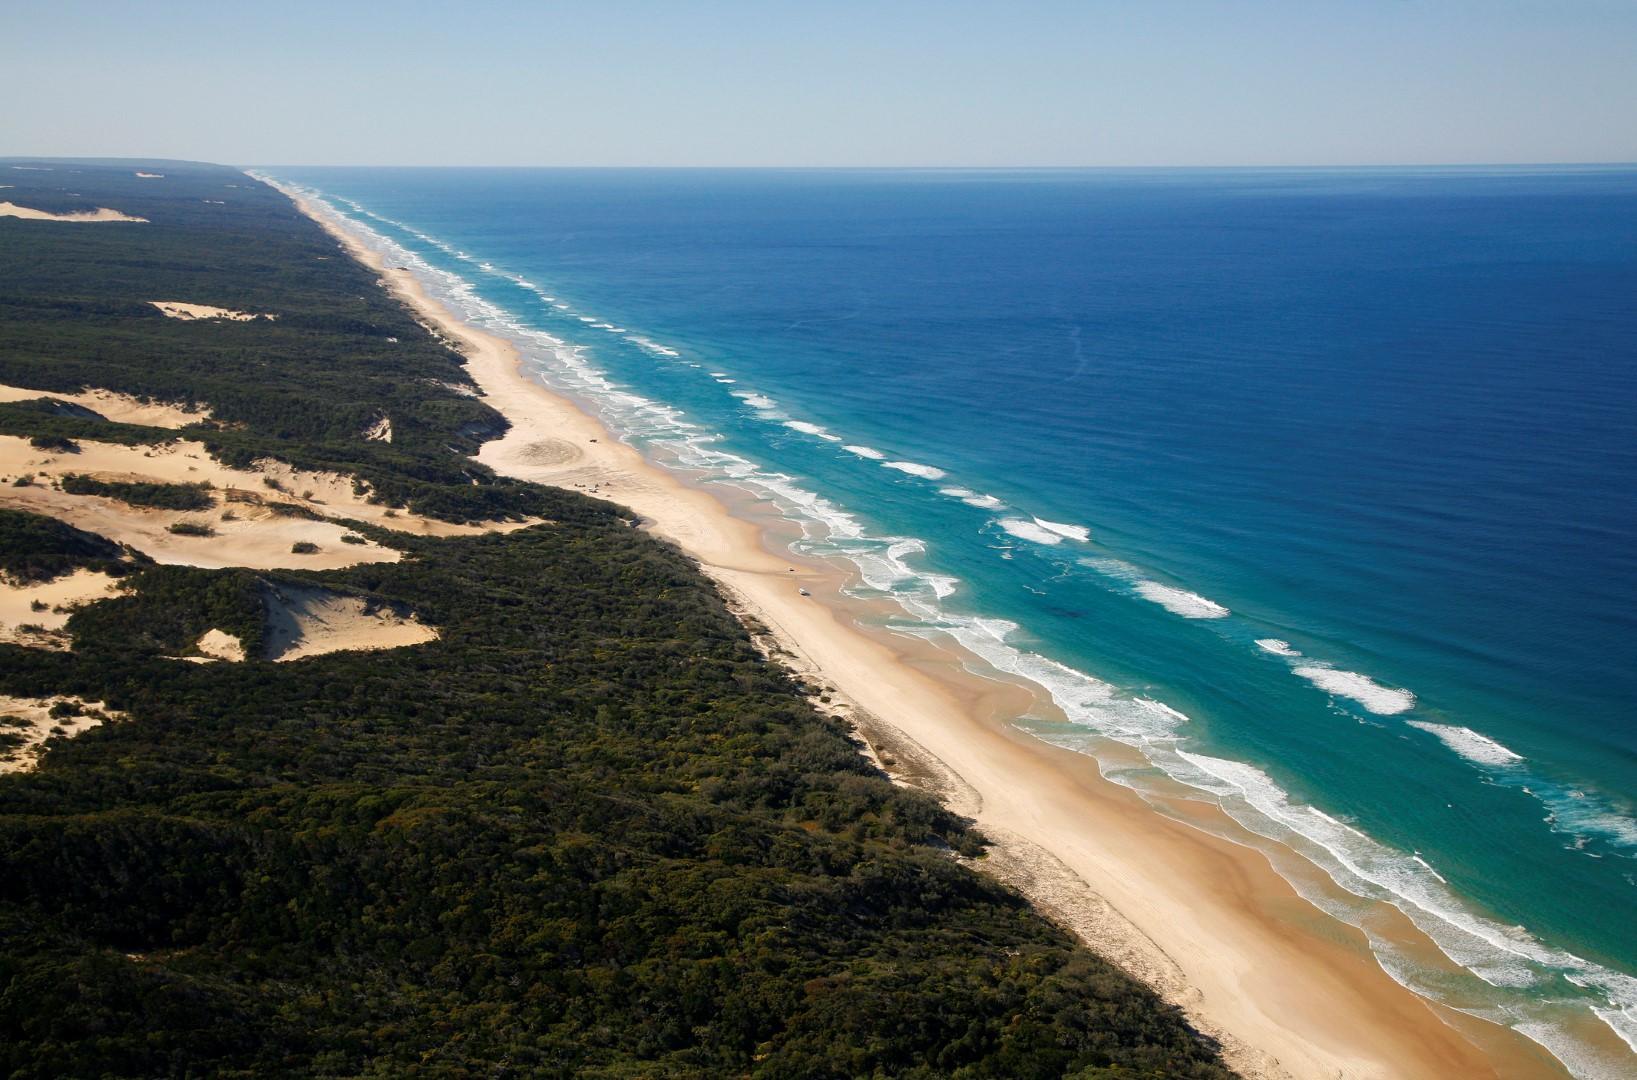 Le spiagge più pericolose del mondo